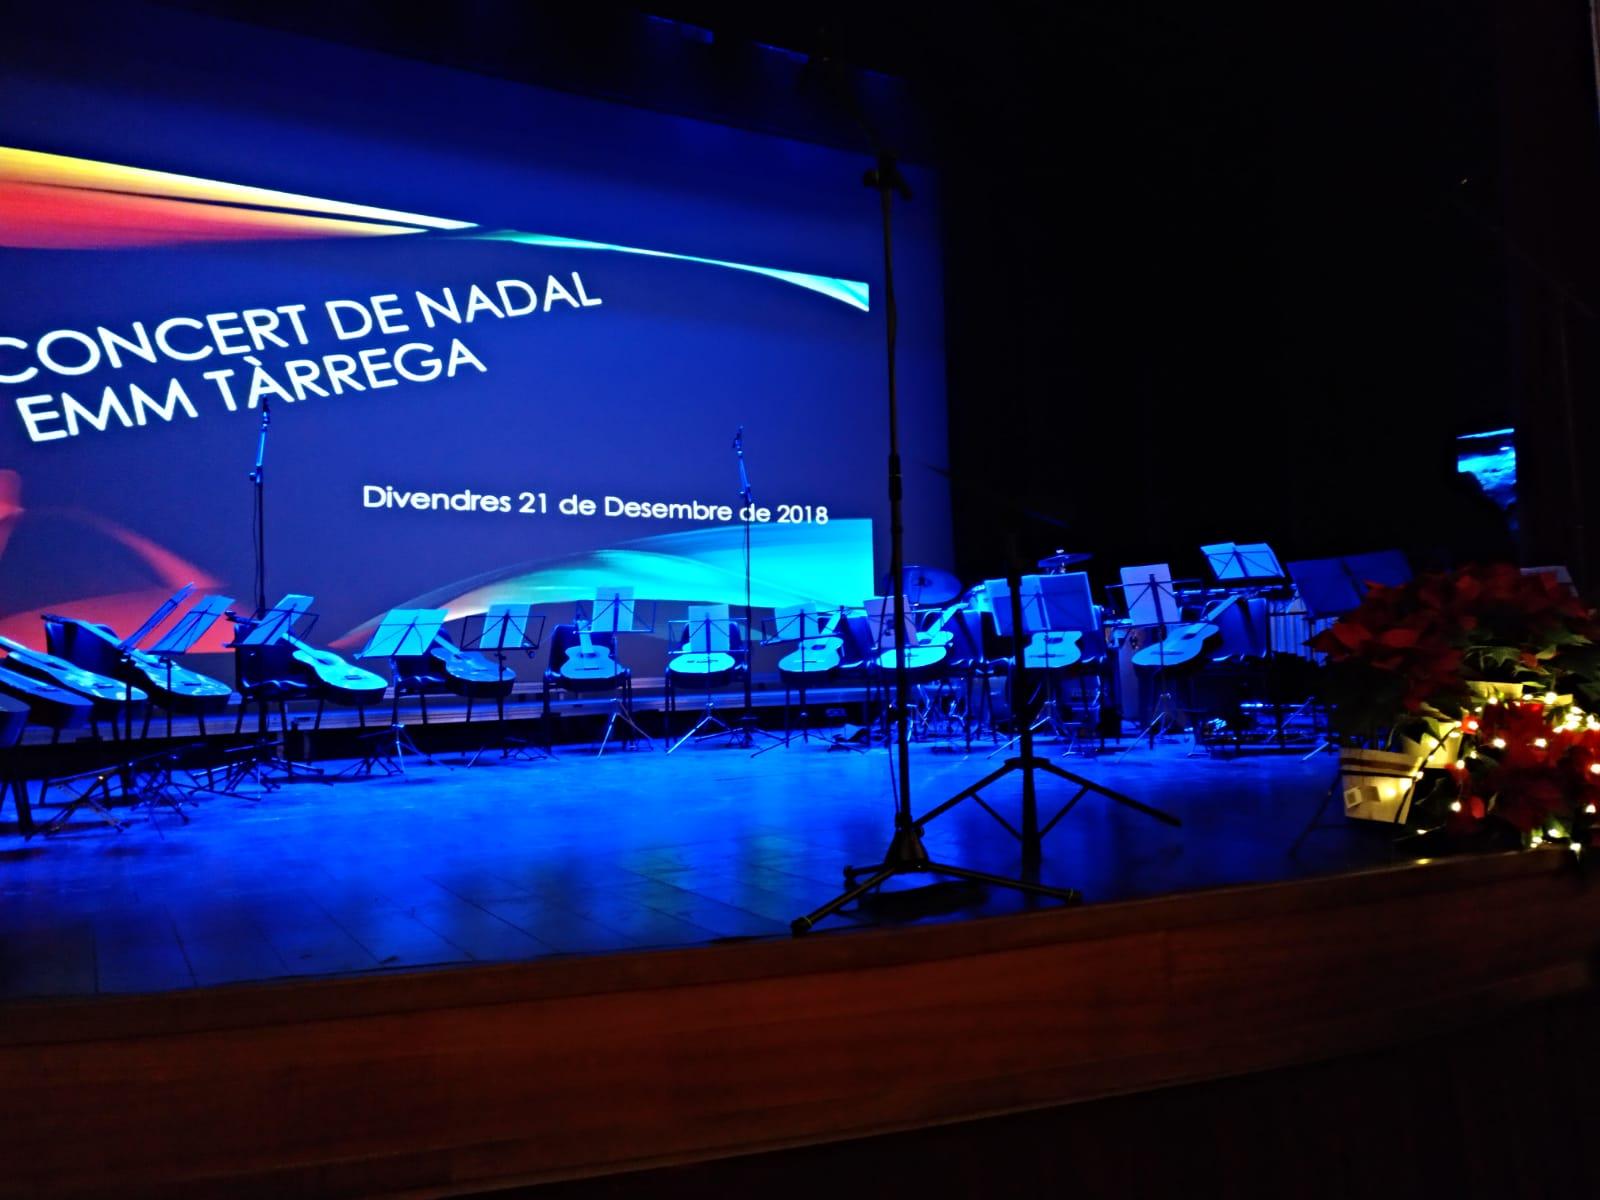 Concert de Nadal 2018